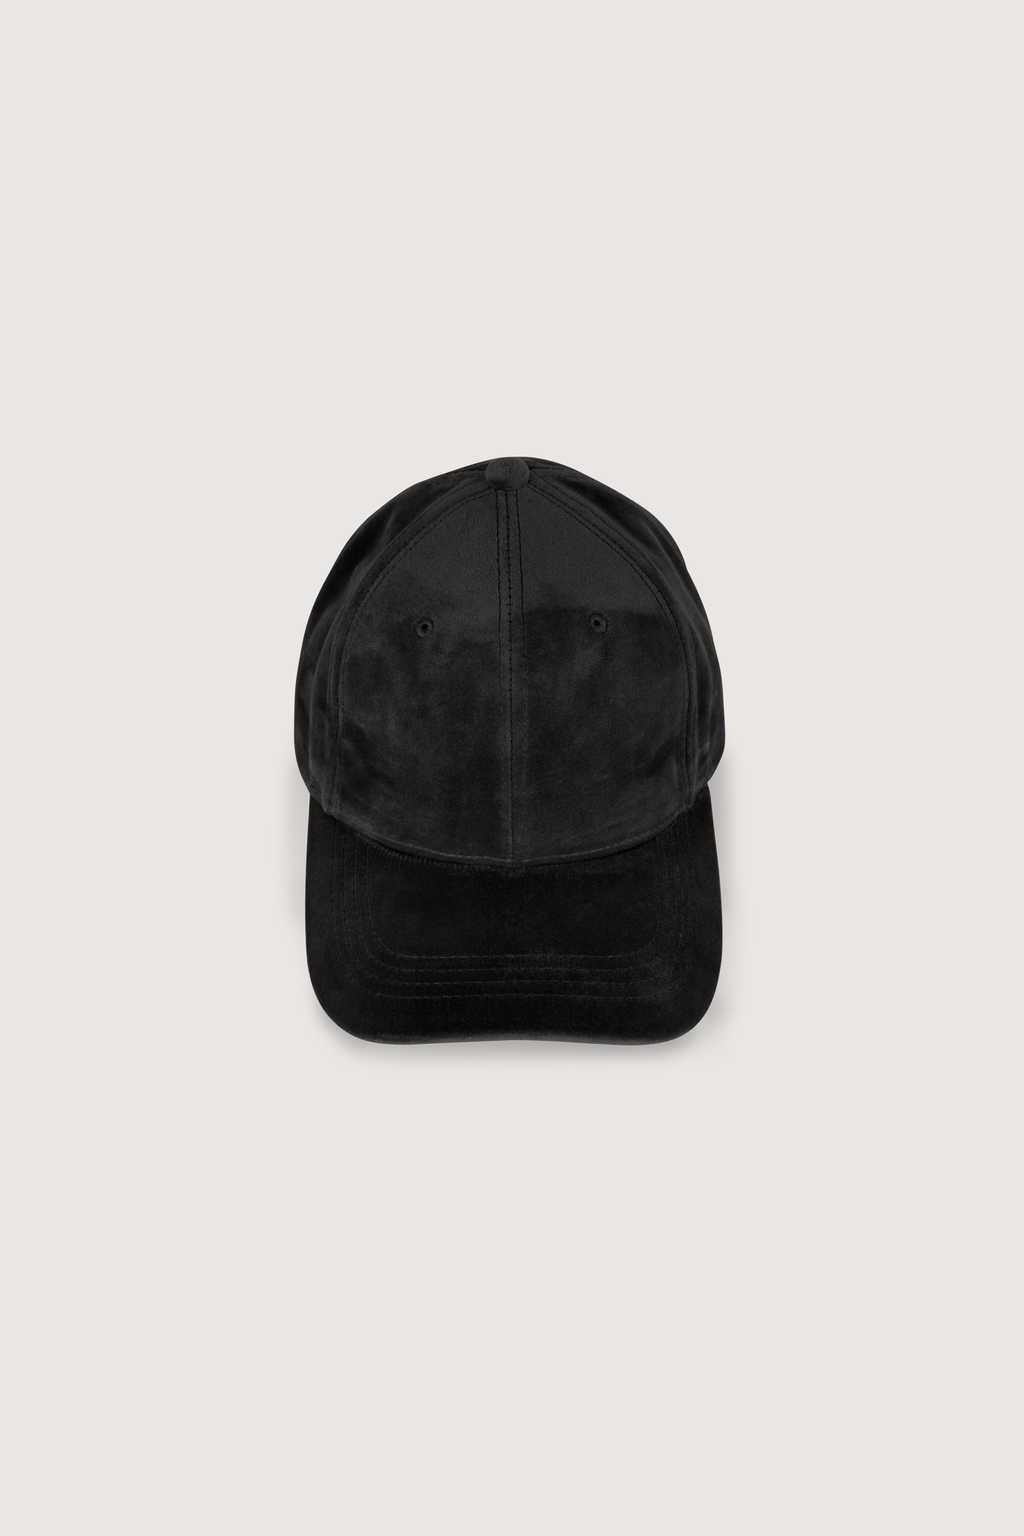 Hat H022 Black 6